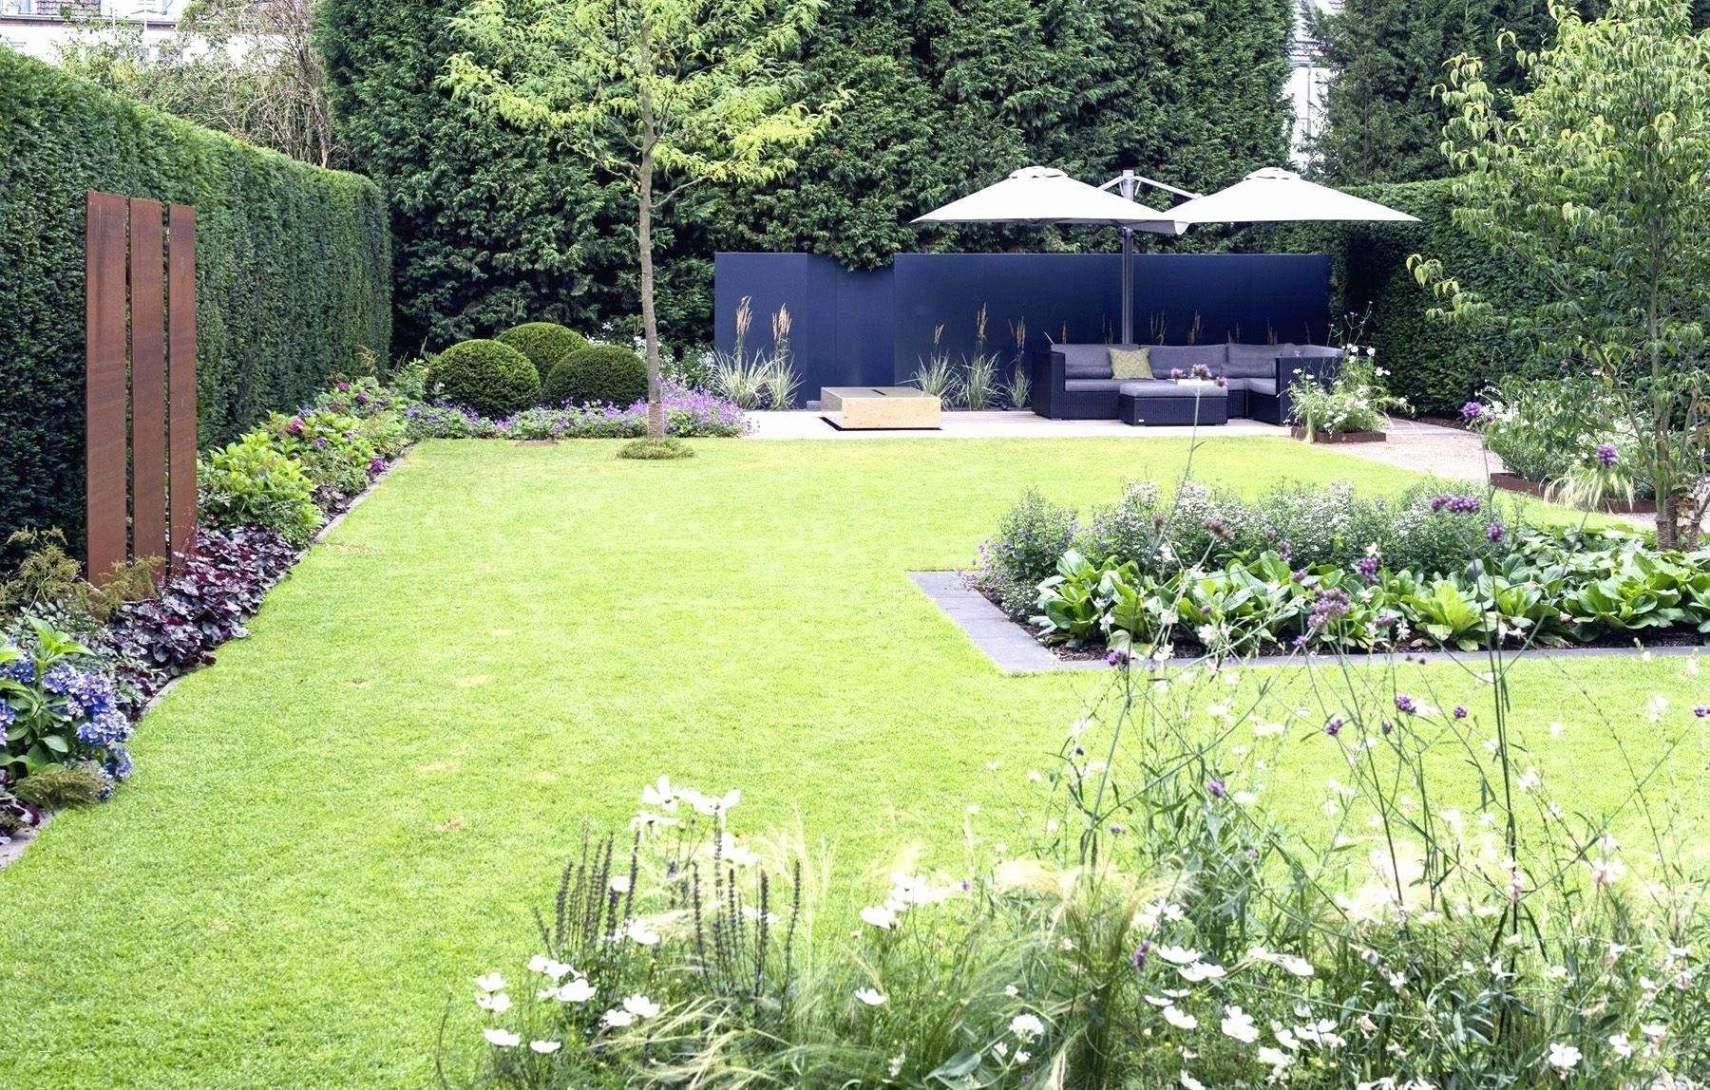 Offene Feuerstelle Im Garten Inspirierend Feuerstellen Im Garten — Temobardz Home Blog